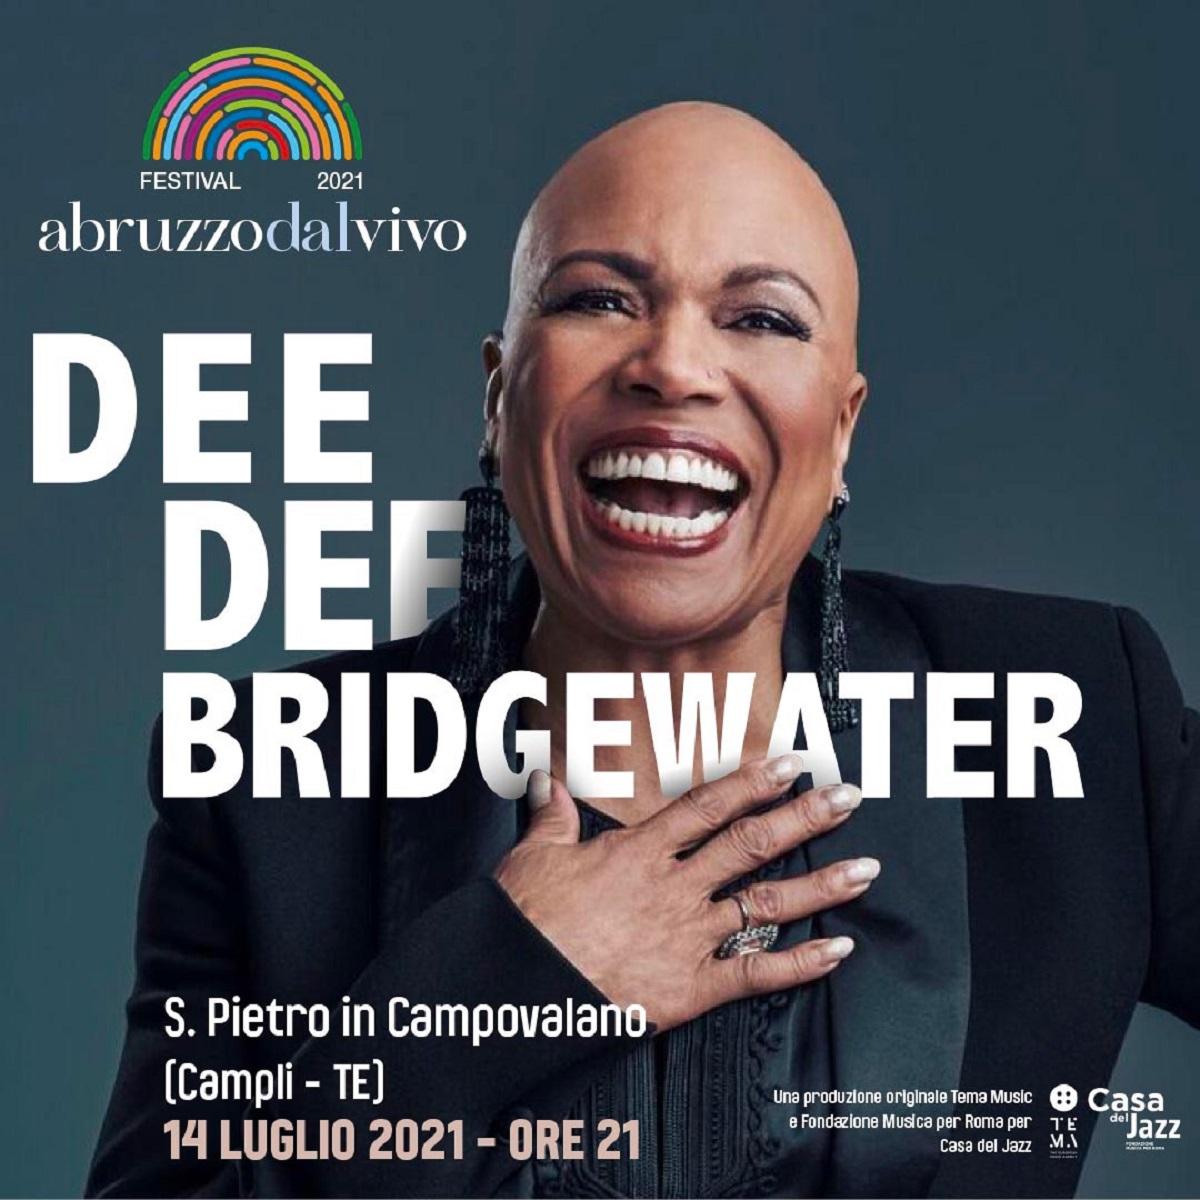 Dee Dee Bridgewater unica data in Abruzzo 14 luglio 2021 foto